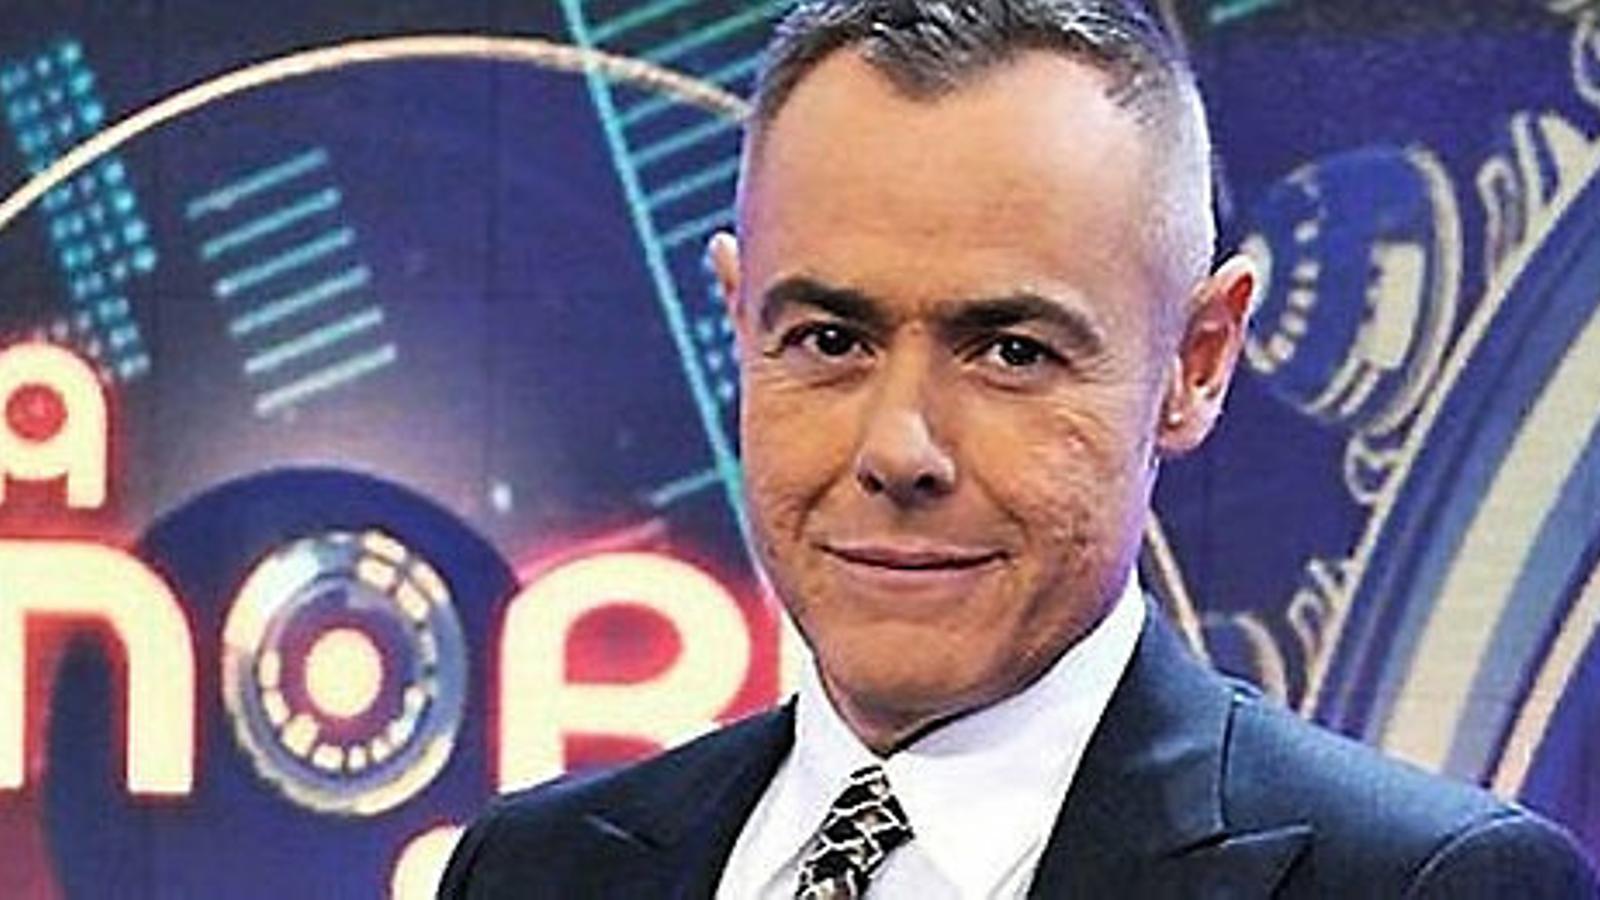 01. Jordi González va patir el boicot pel programa La noria. 02. Laura Ingraham, de Fox News. 03. Rush Limbaugh, segon radiofonista més ben pagat.